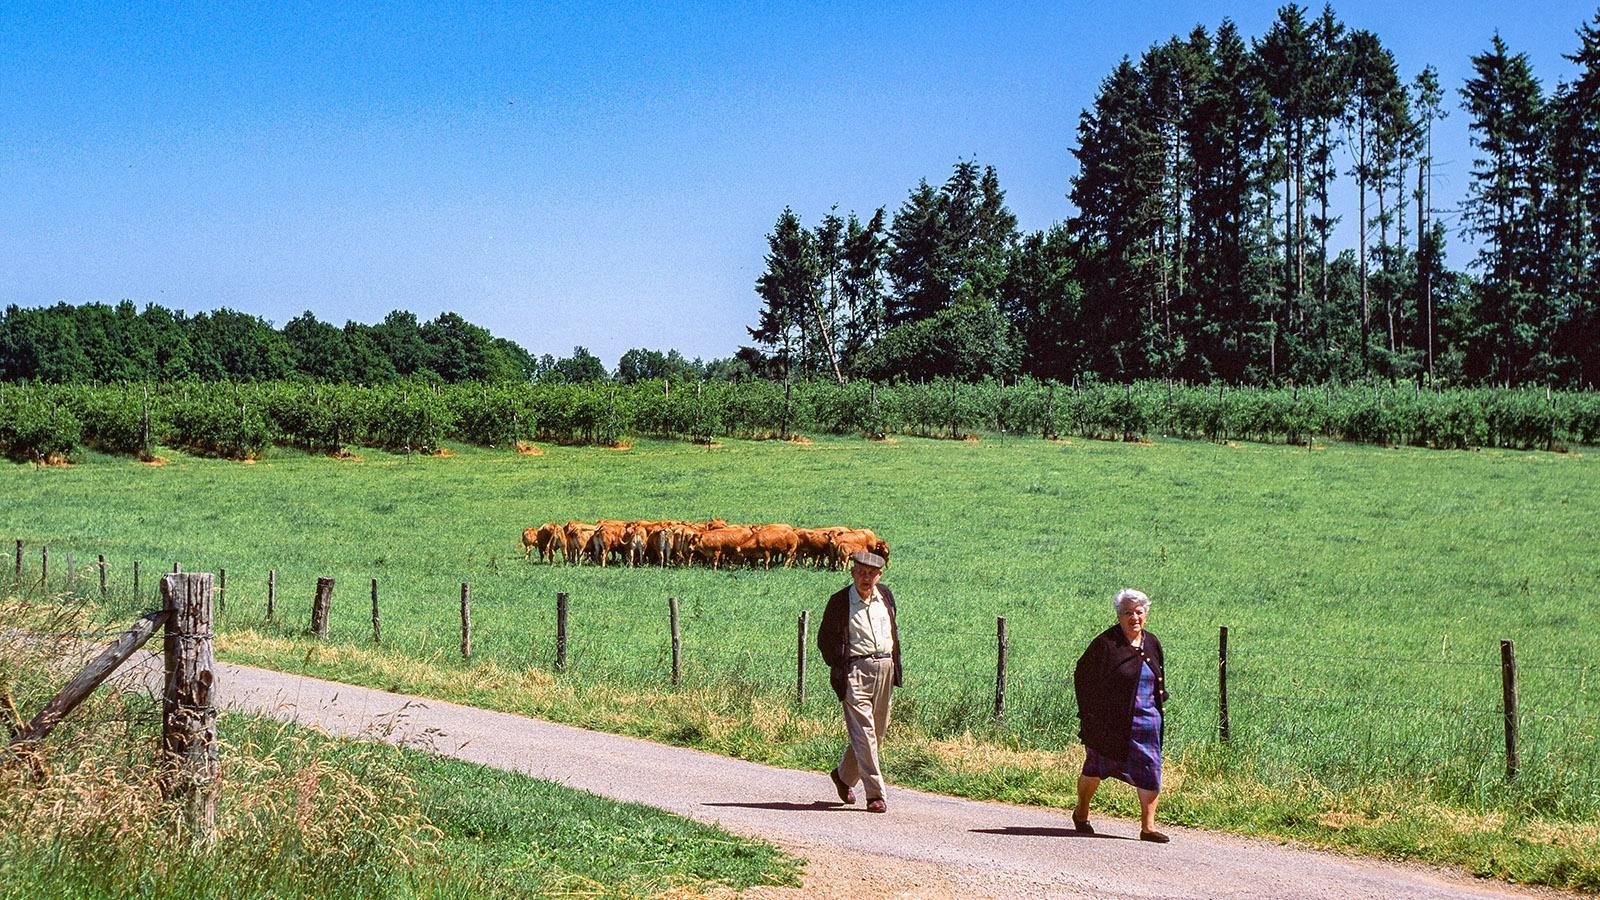 Limousin: Spaziergänger auf dem Lande. Foto: Hilke Maunder